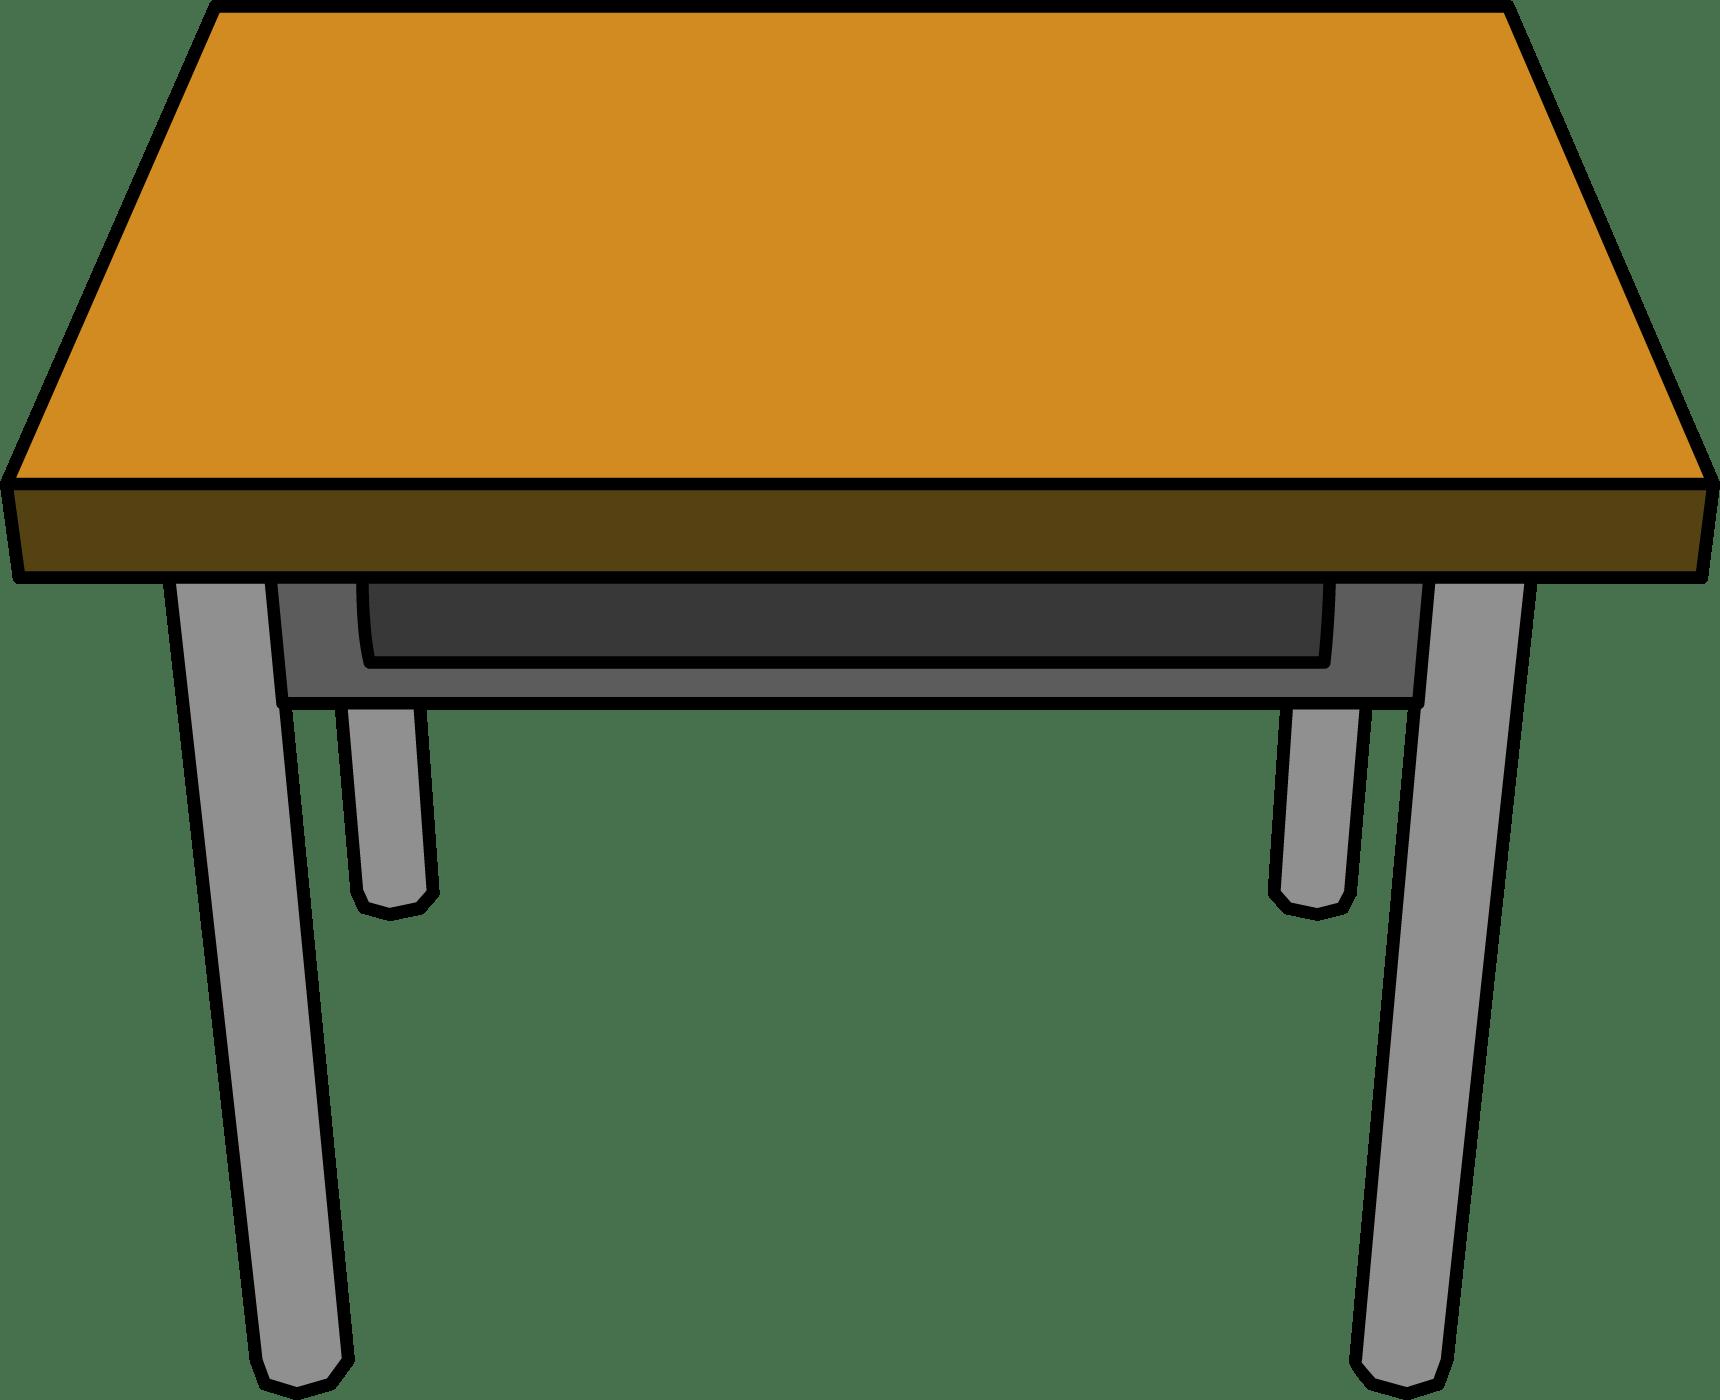 Teacher School Table Clipart